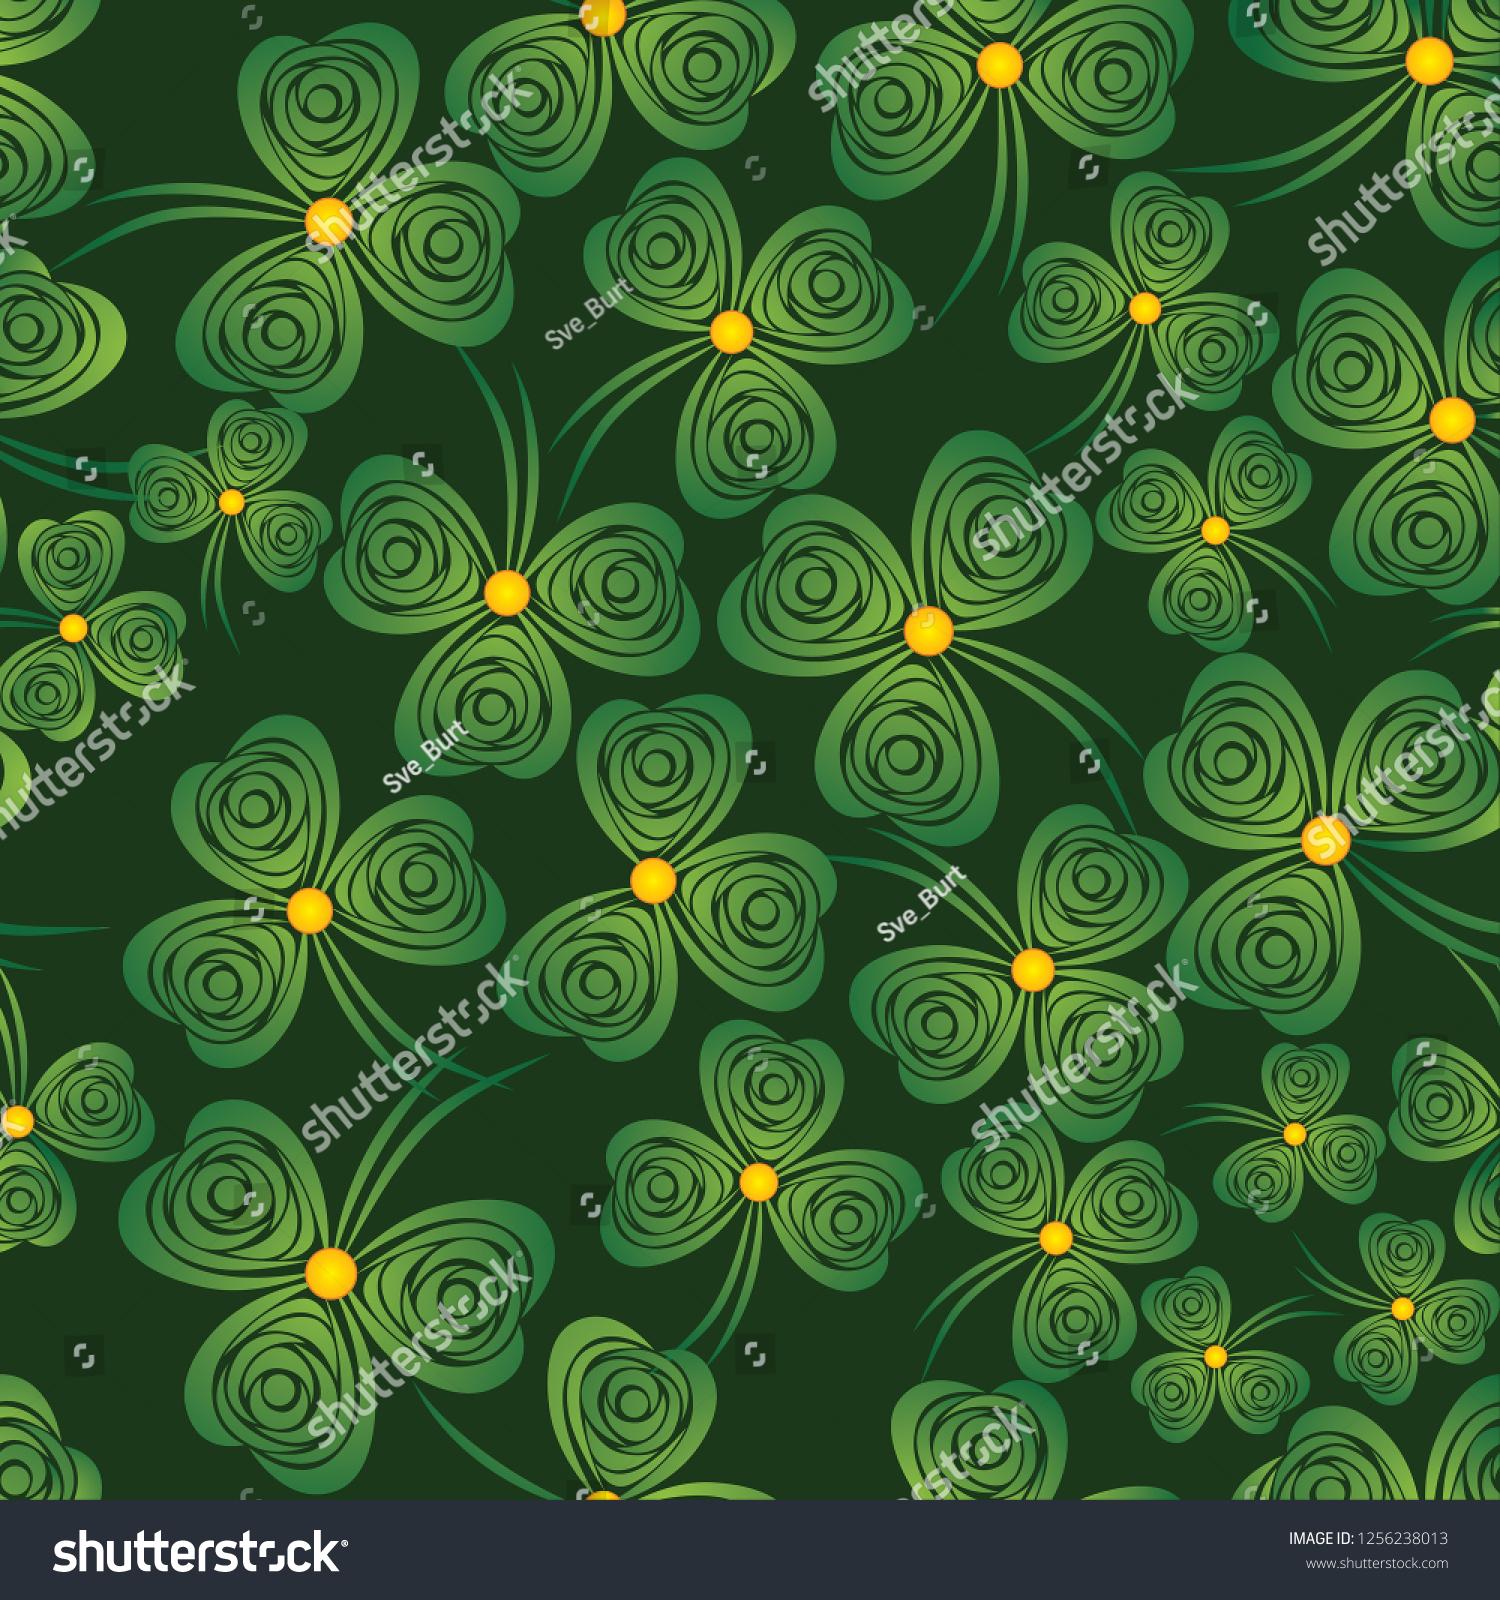 シームレスなシャムロック 背景のクローバーのベクター画像 緑の壁紙